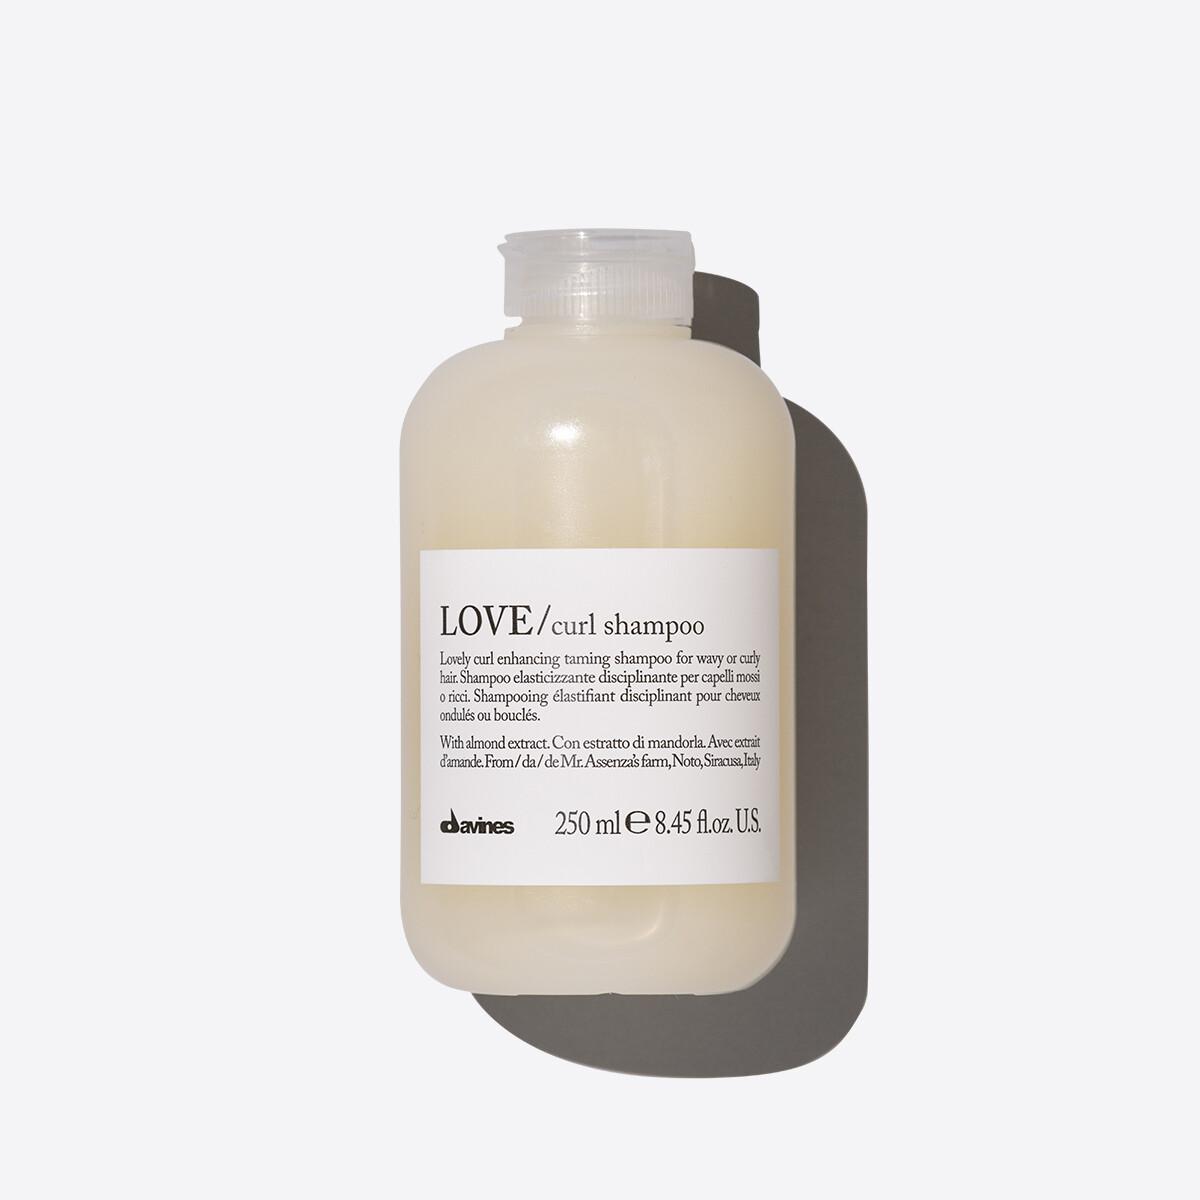 LOVE CURL/shampoo 250 ml